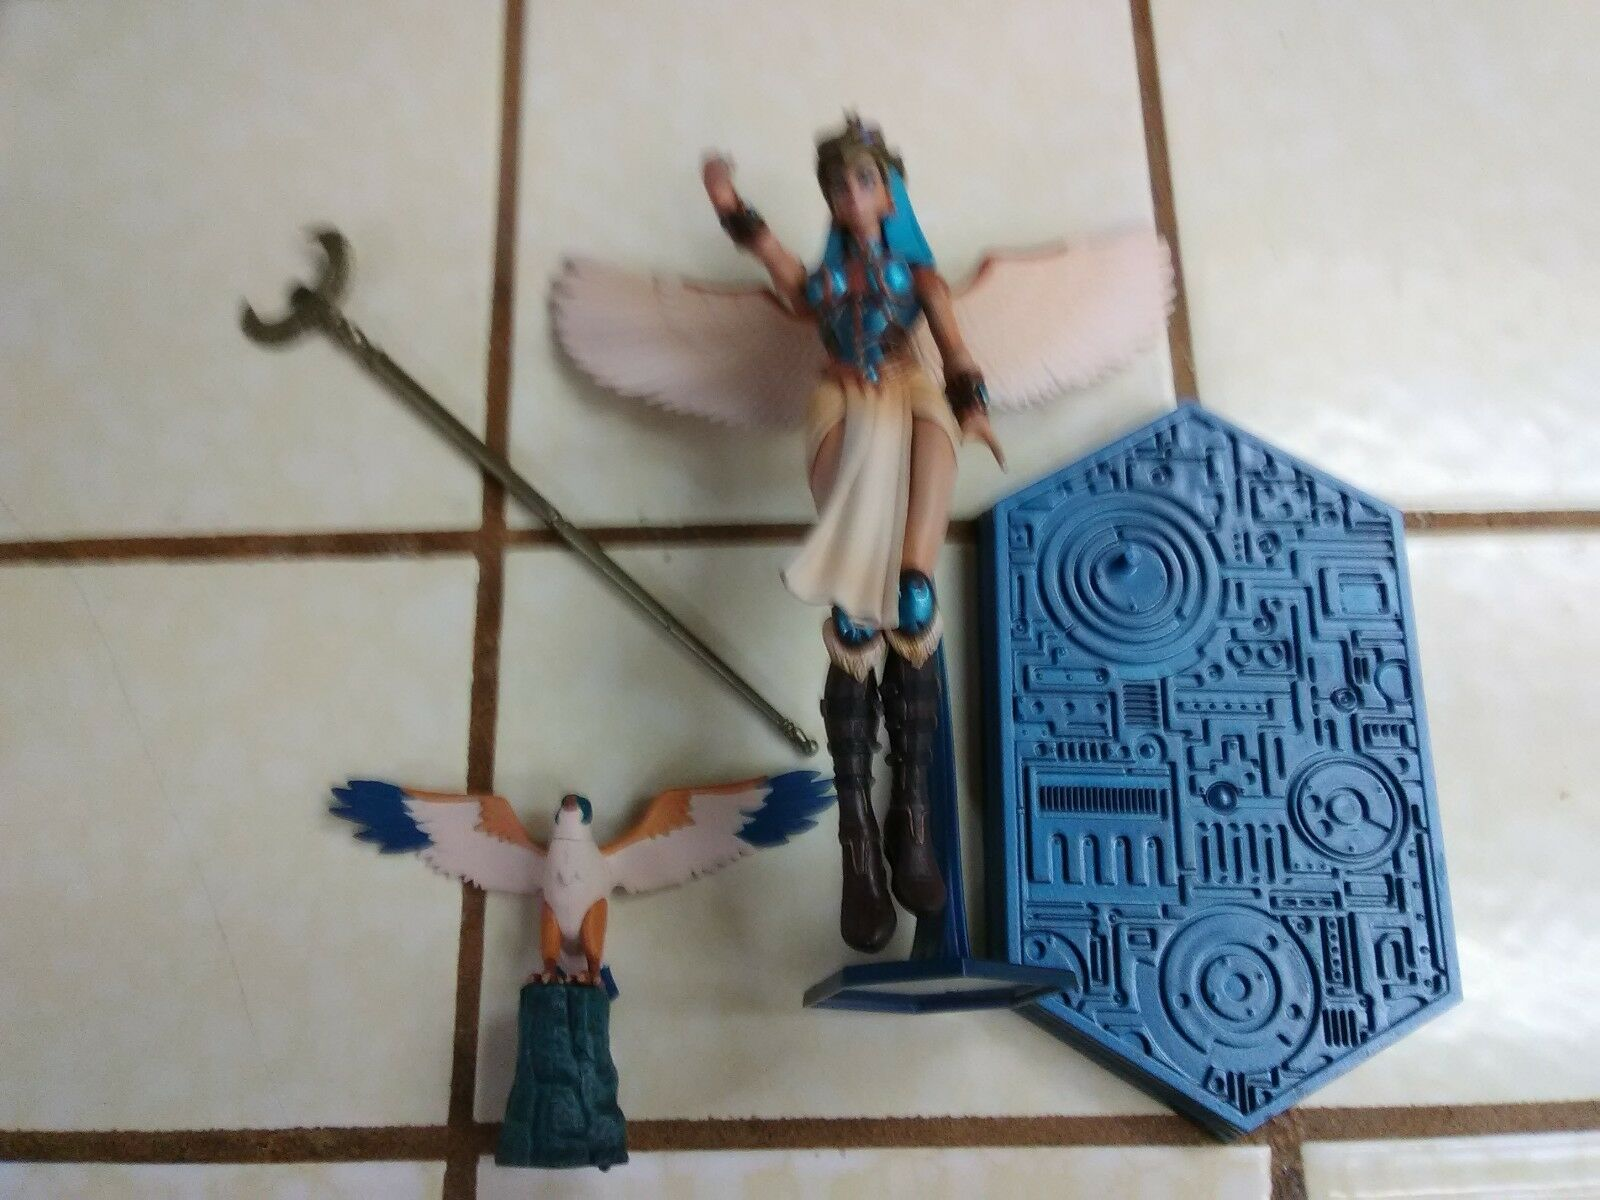 Neca afx motu meister des universums series 3 zauberin 6.5inch mini - statue